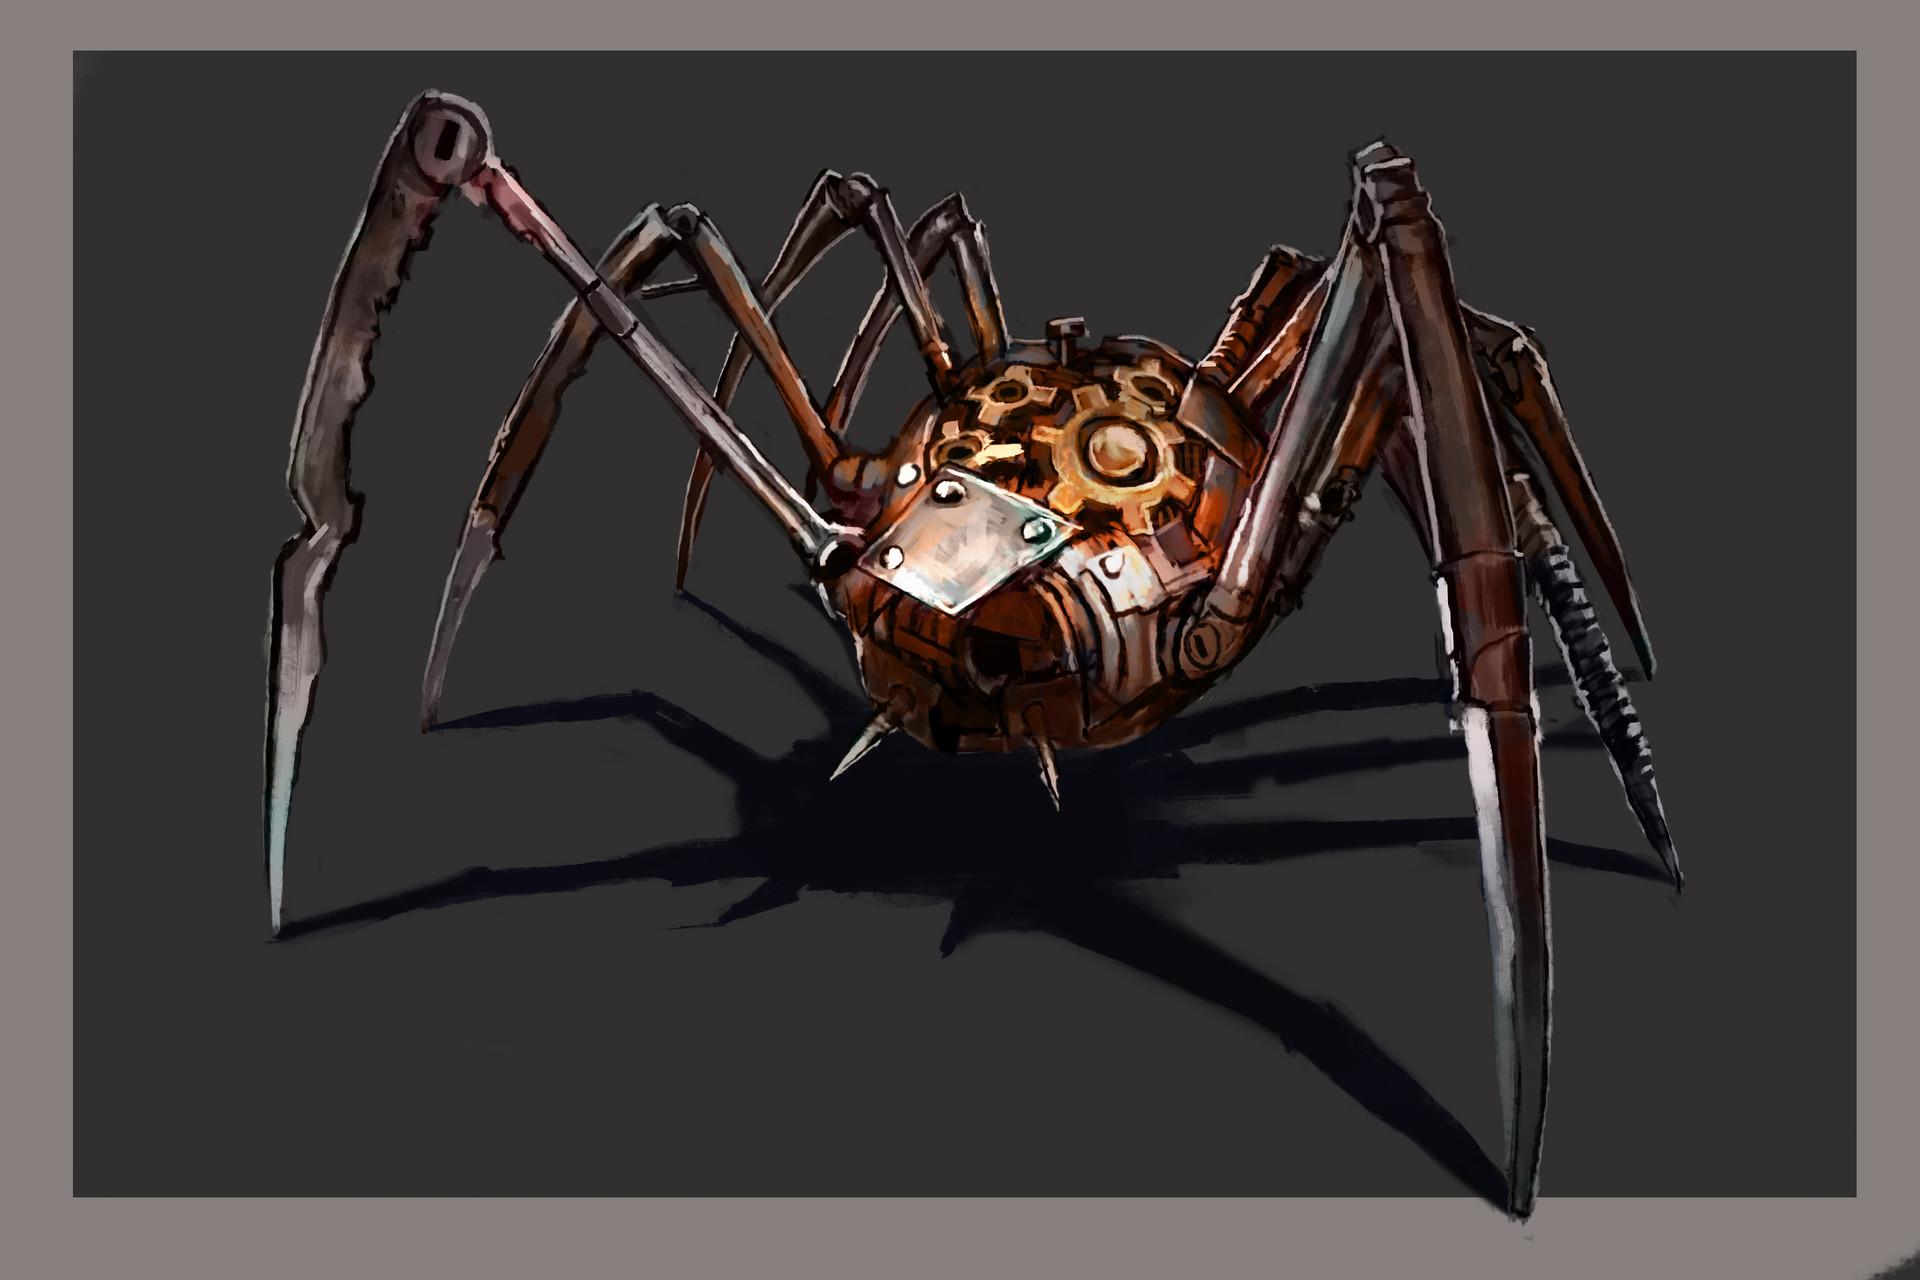 Kerim akyuz spider